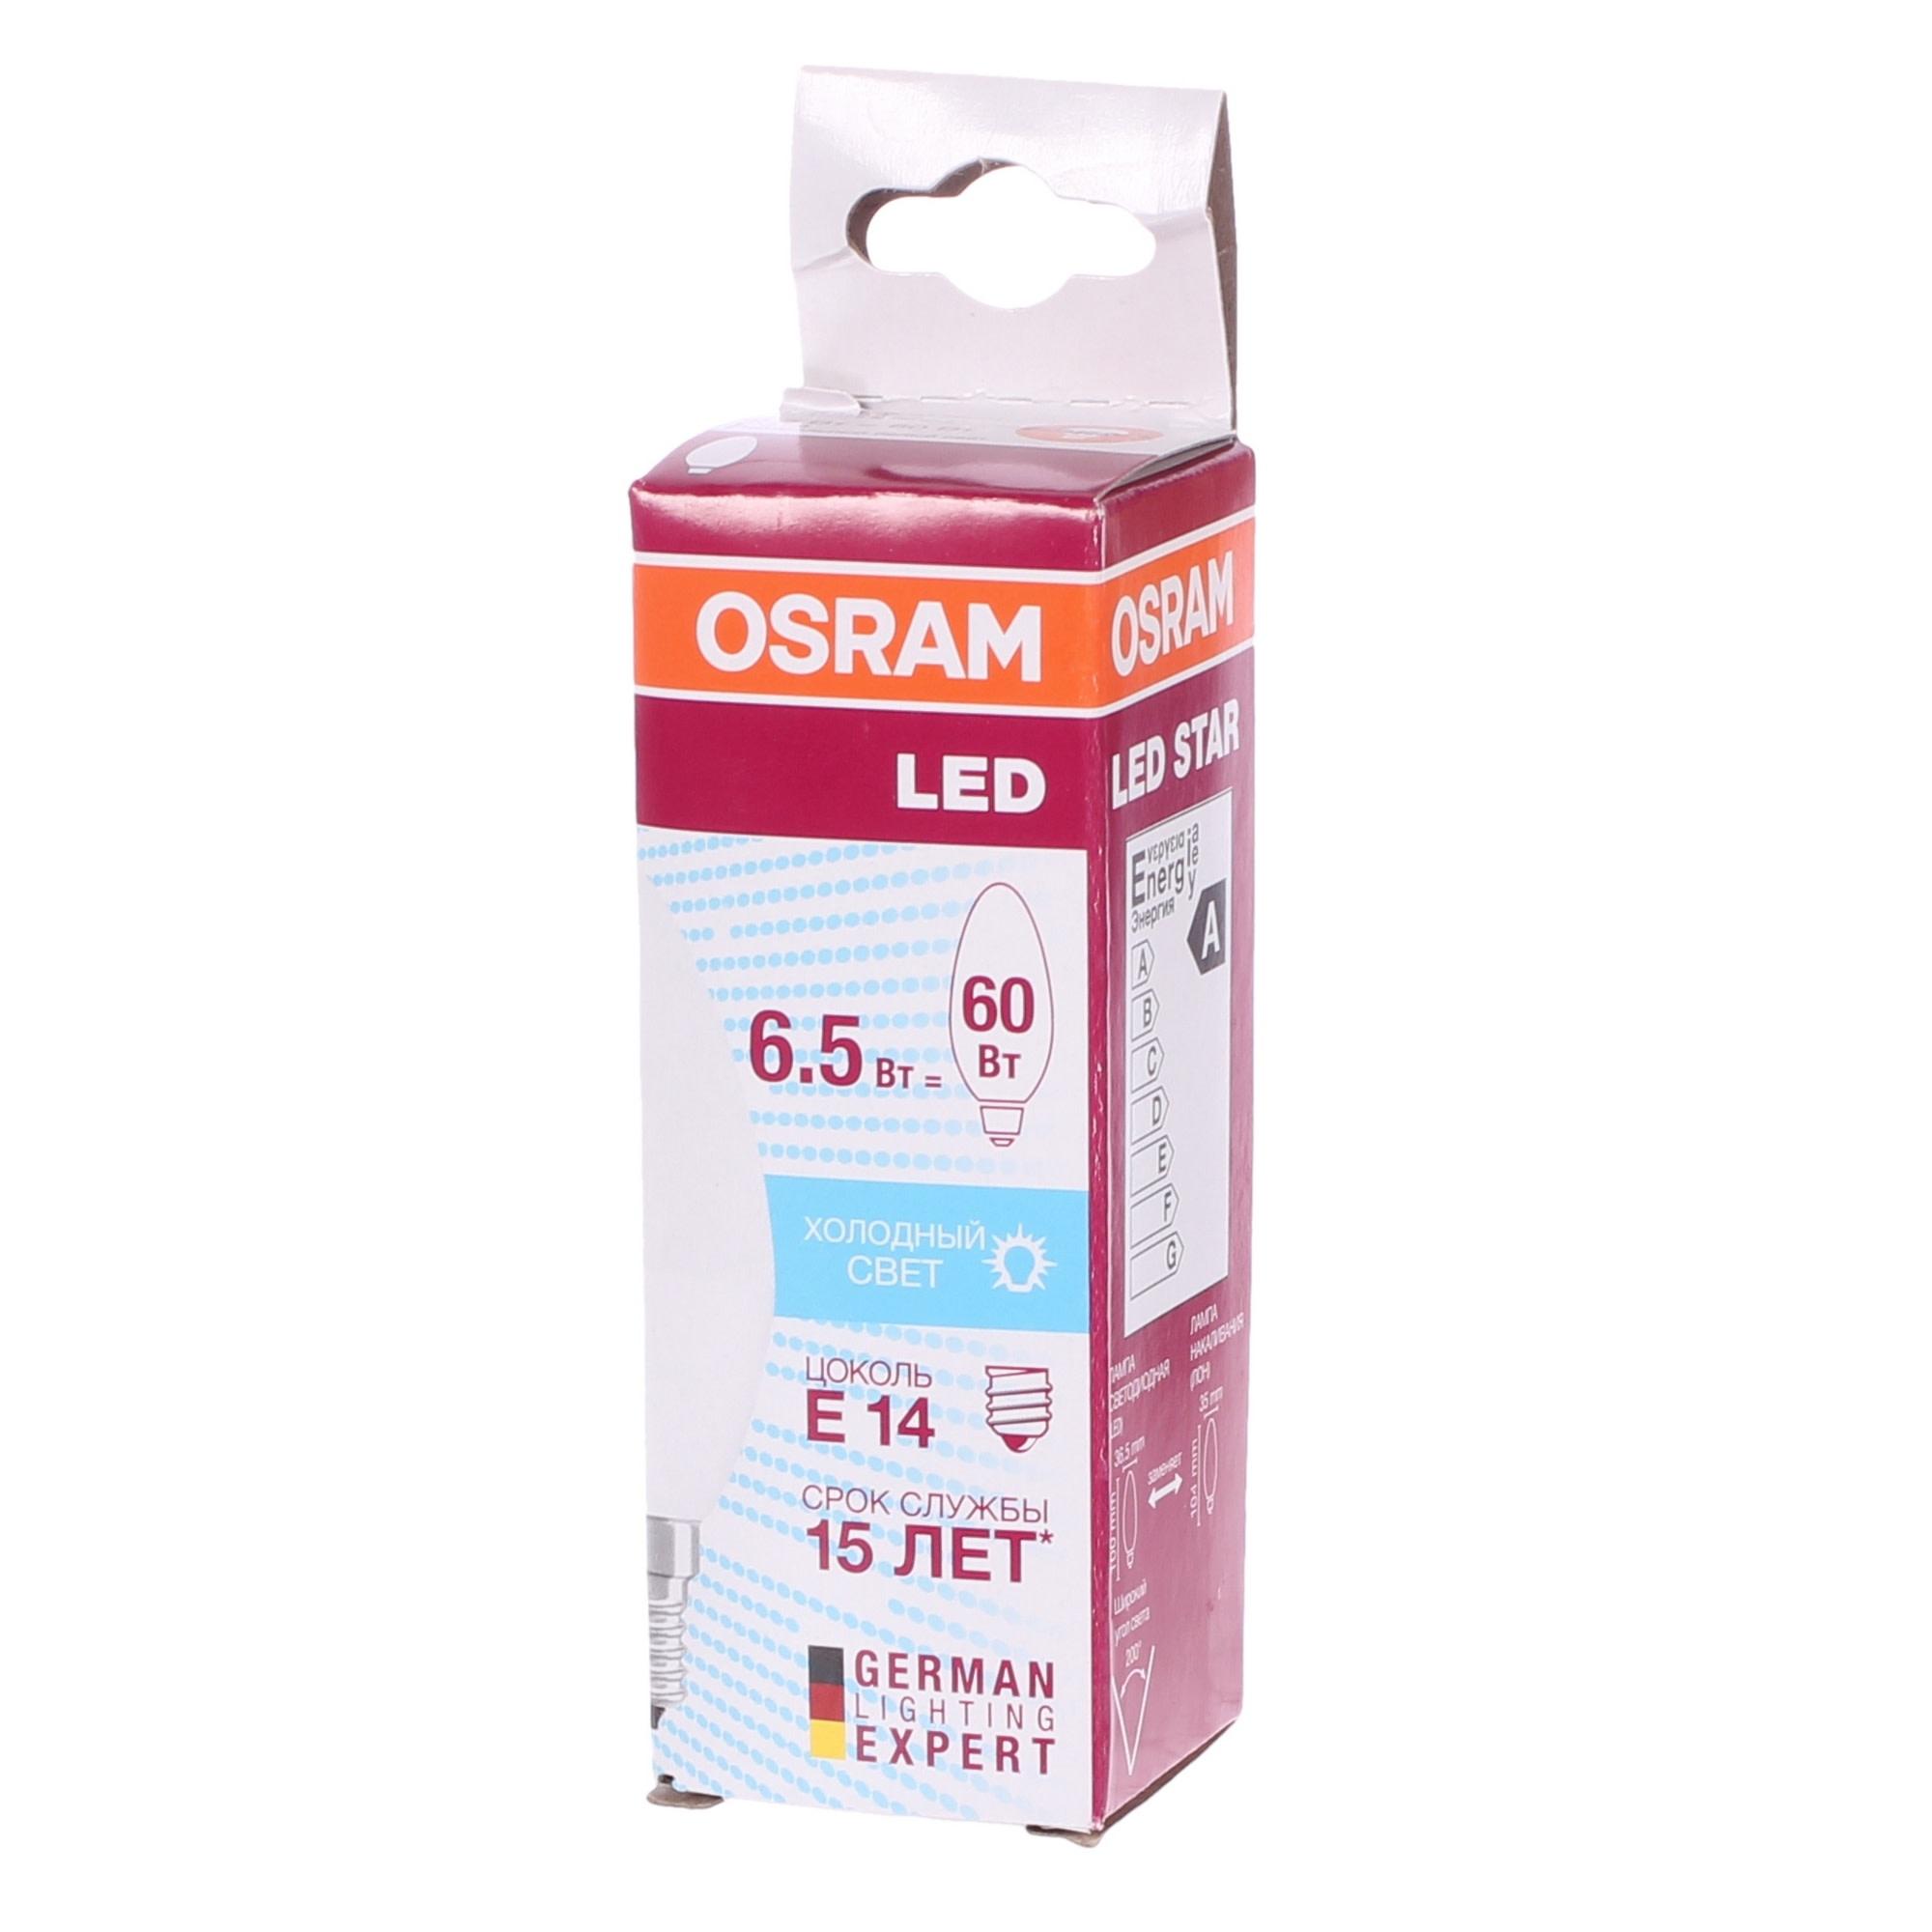 Лампа светодиодная Osram «Свеча» E14 6.5 Вт 550 Лм свет холодный белый